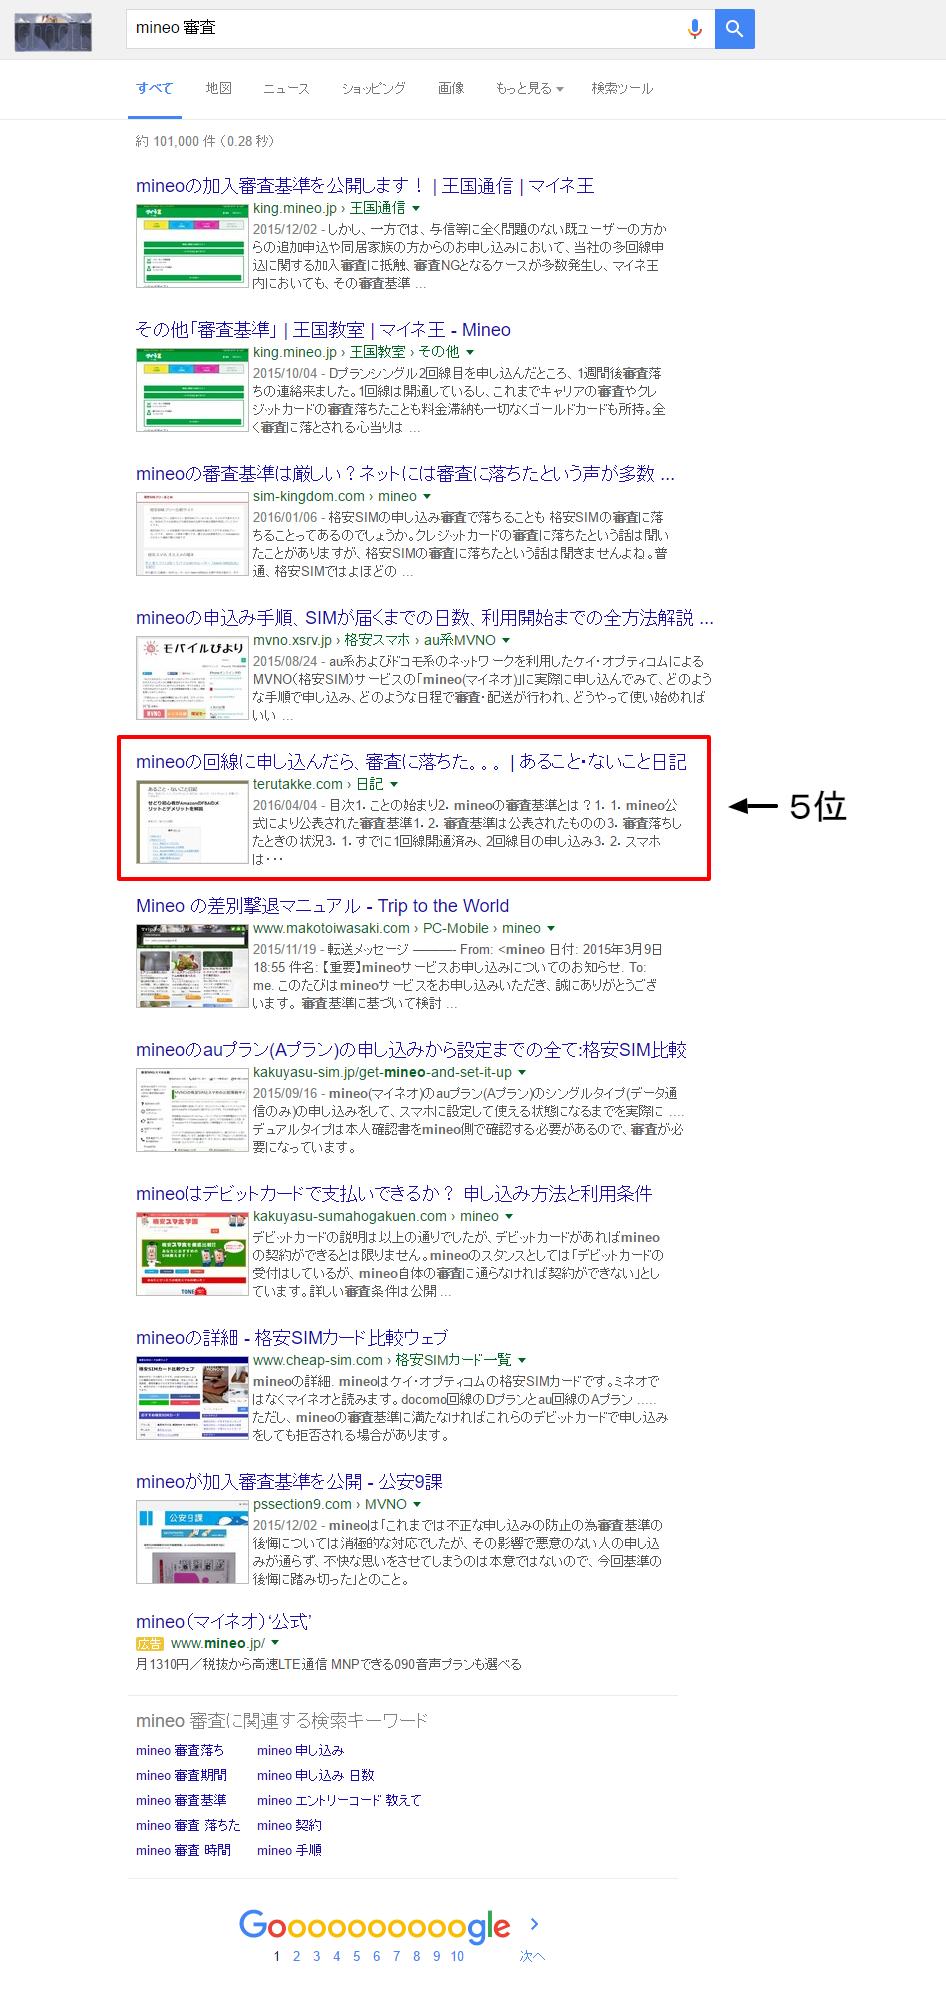 mineo 審査   Google 検索